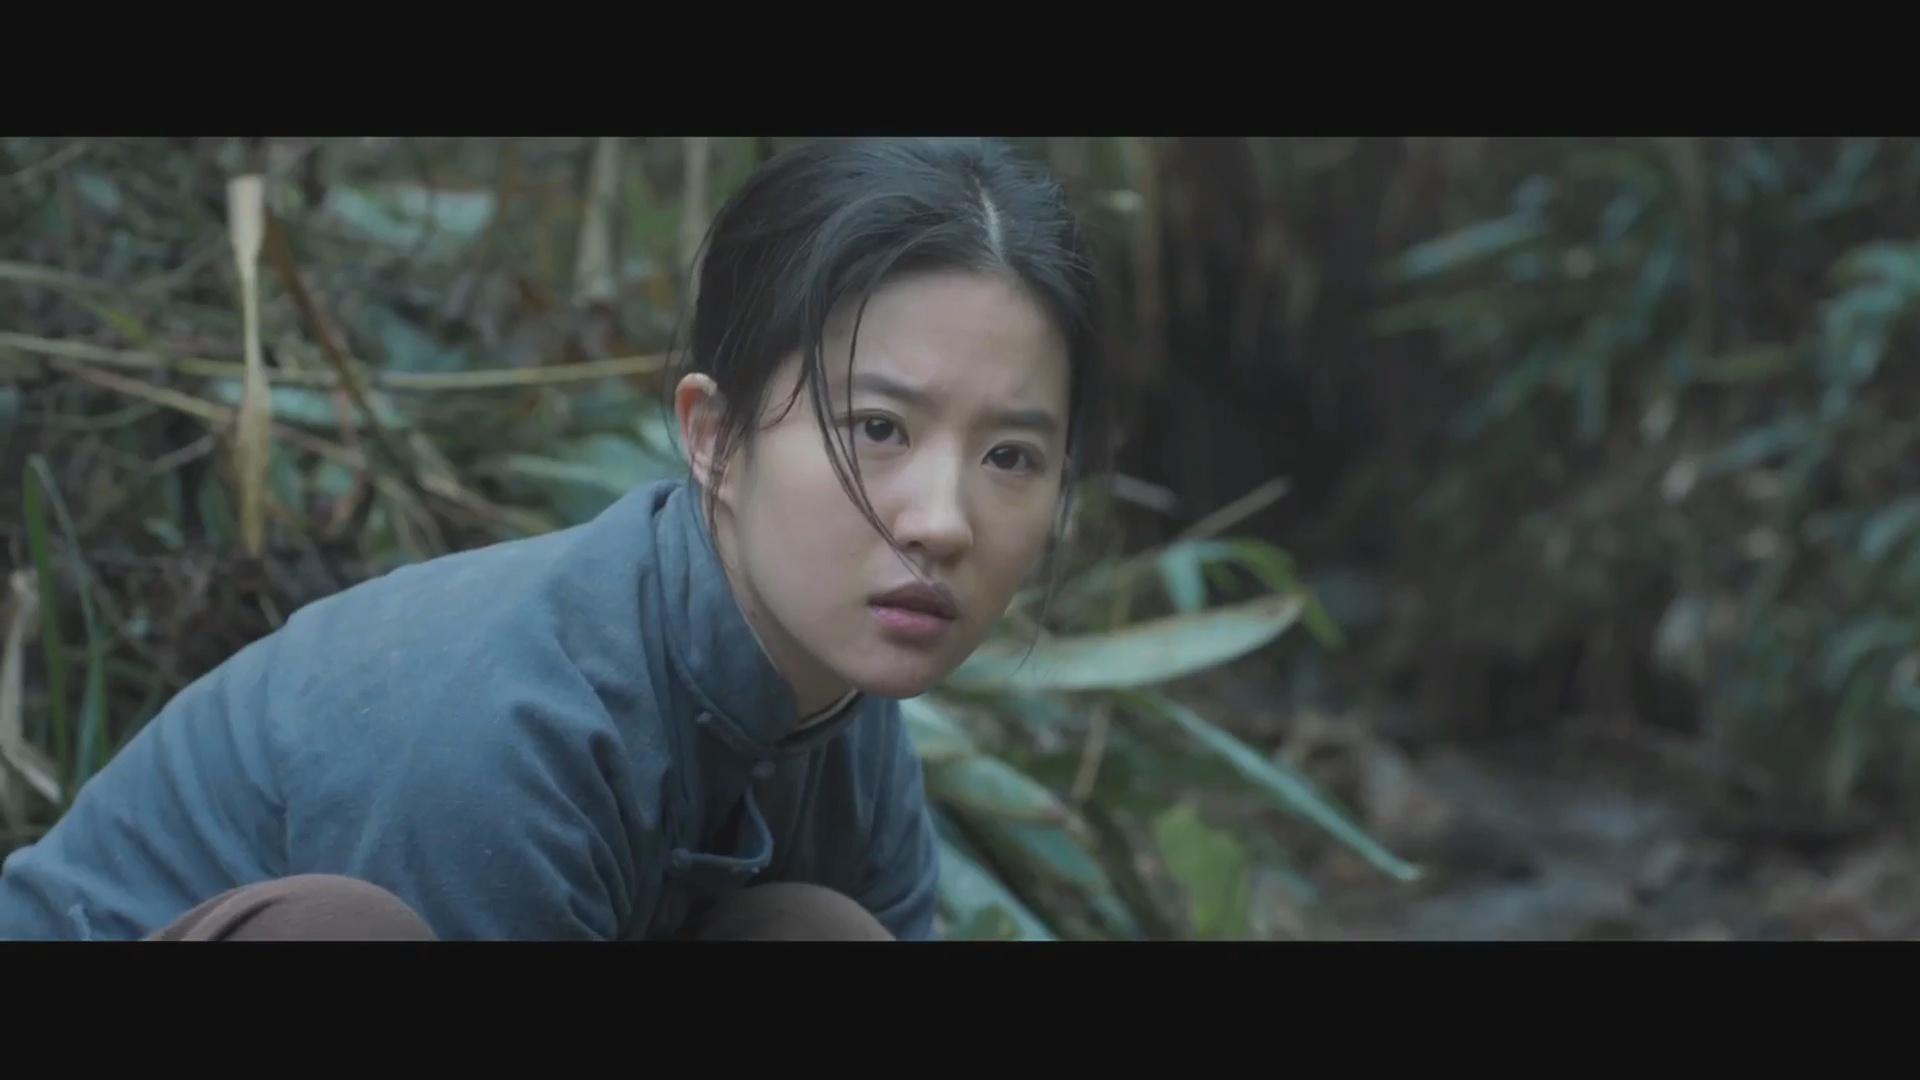 刘亦菲主演二战爱情电影《烽火芳菲》中文电影预告